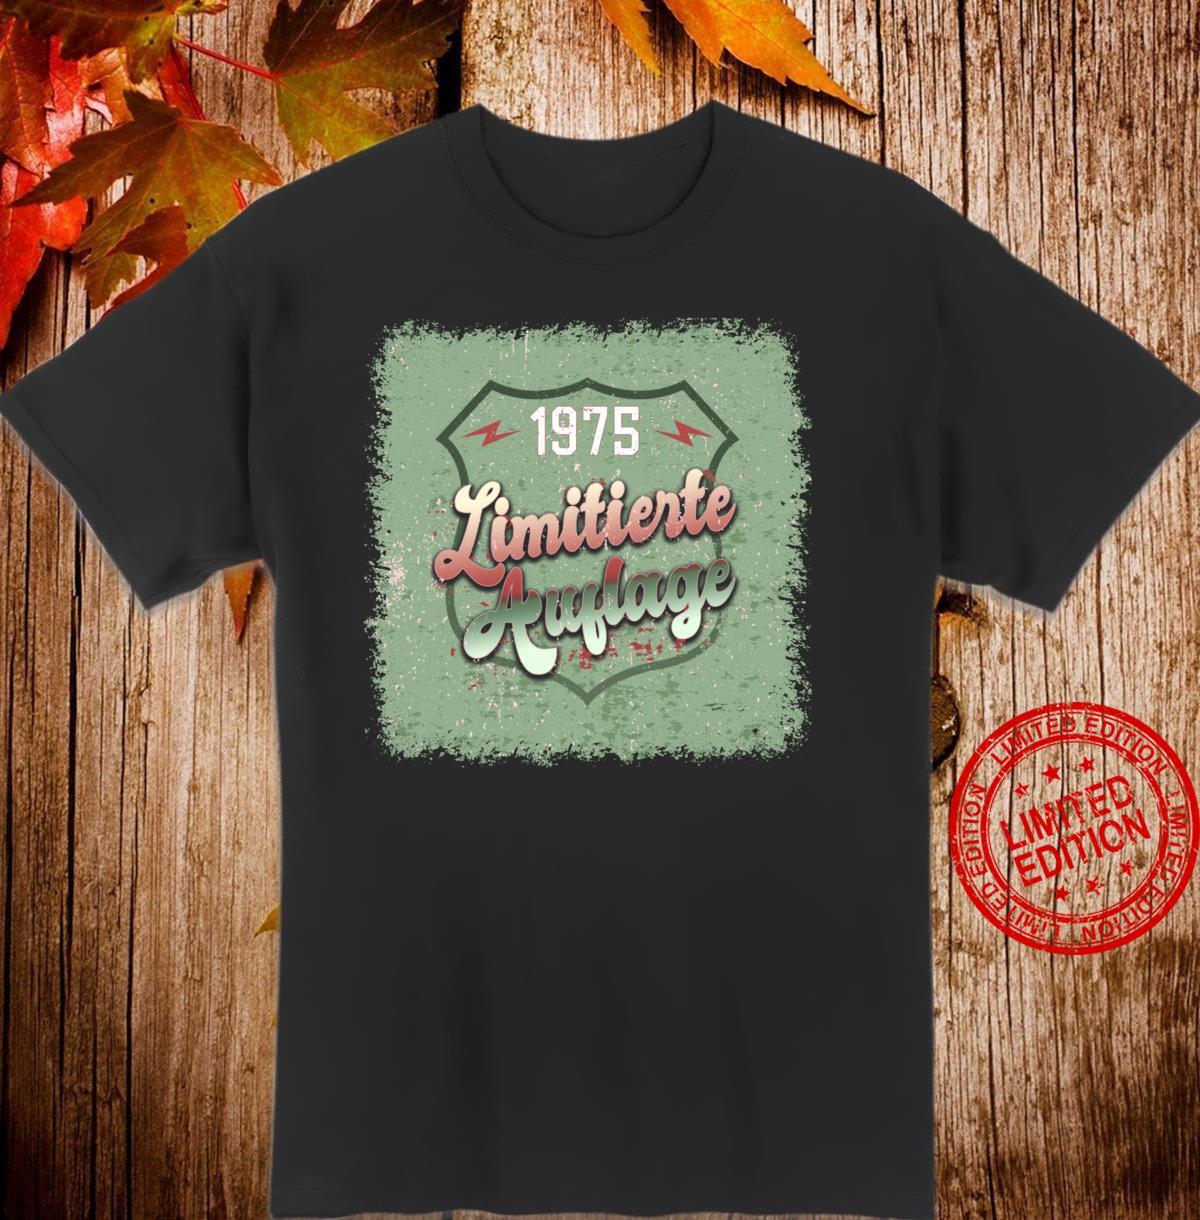 45 Jahre Geburtstag Limitierte Auflage 1975 Shirt